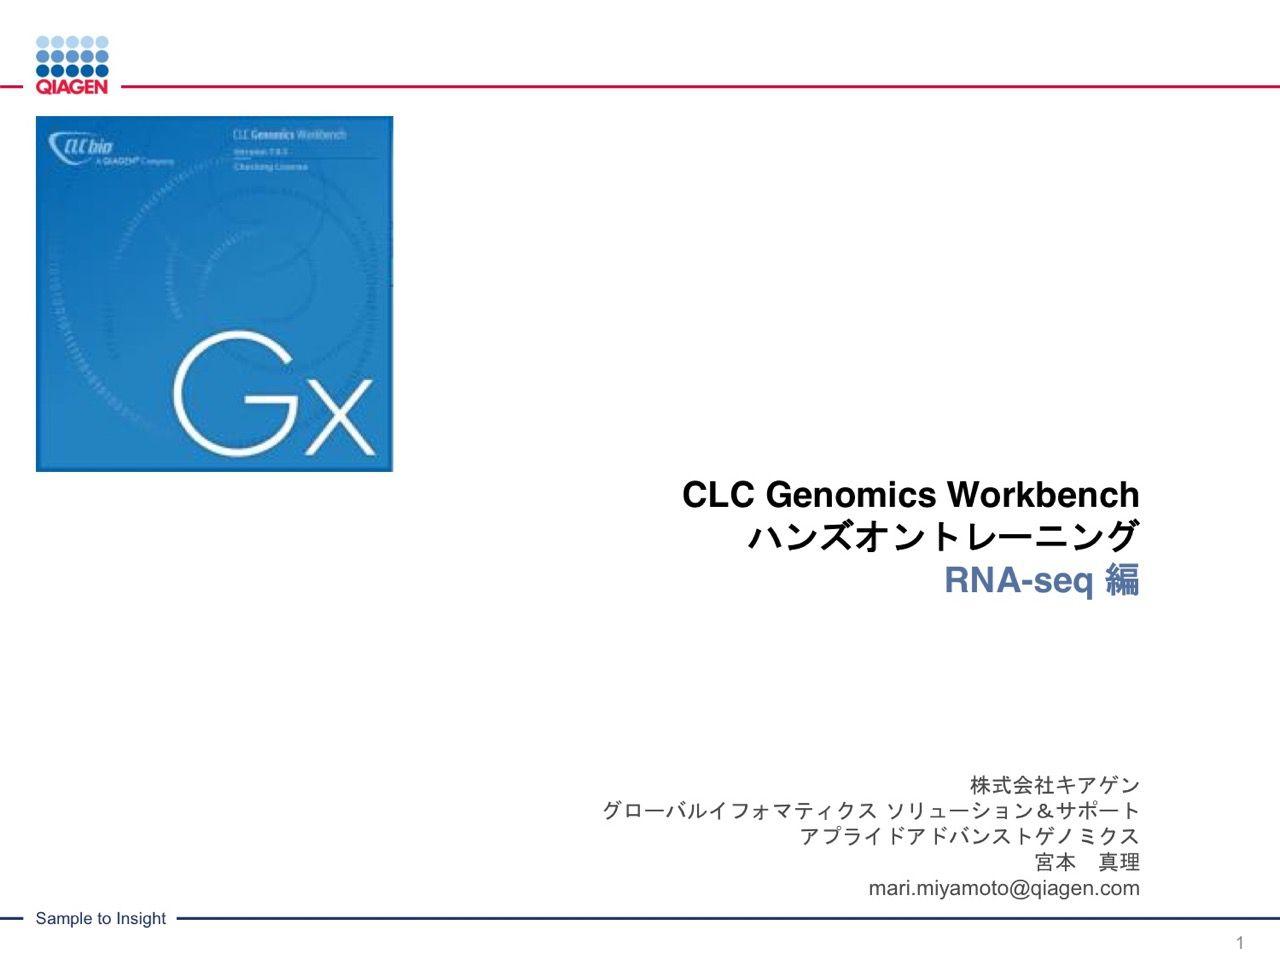 images/AJACSa2_miyamoto_001.jpg